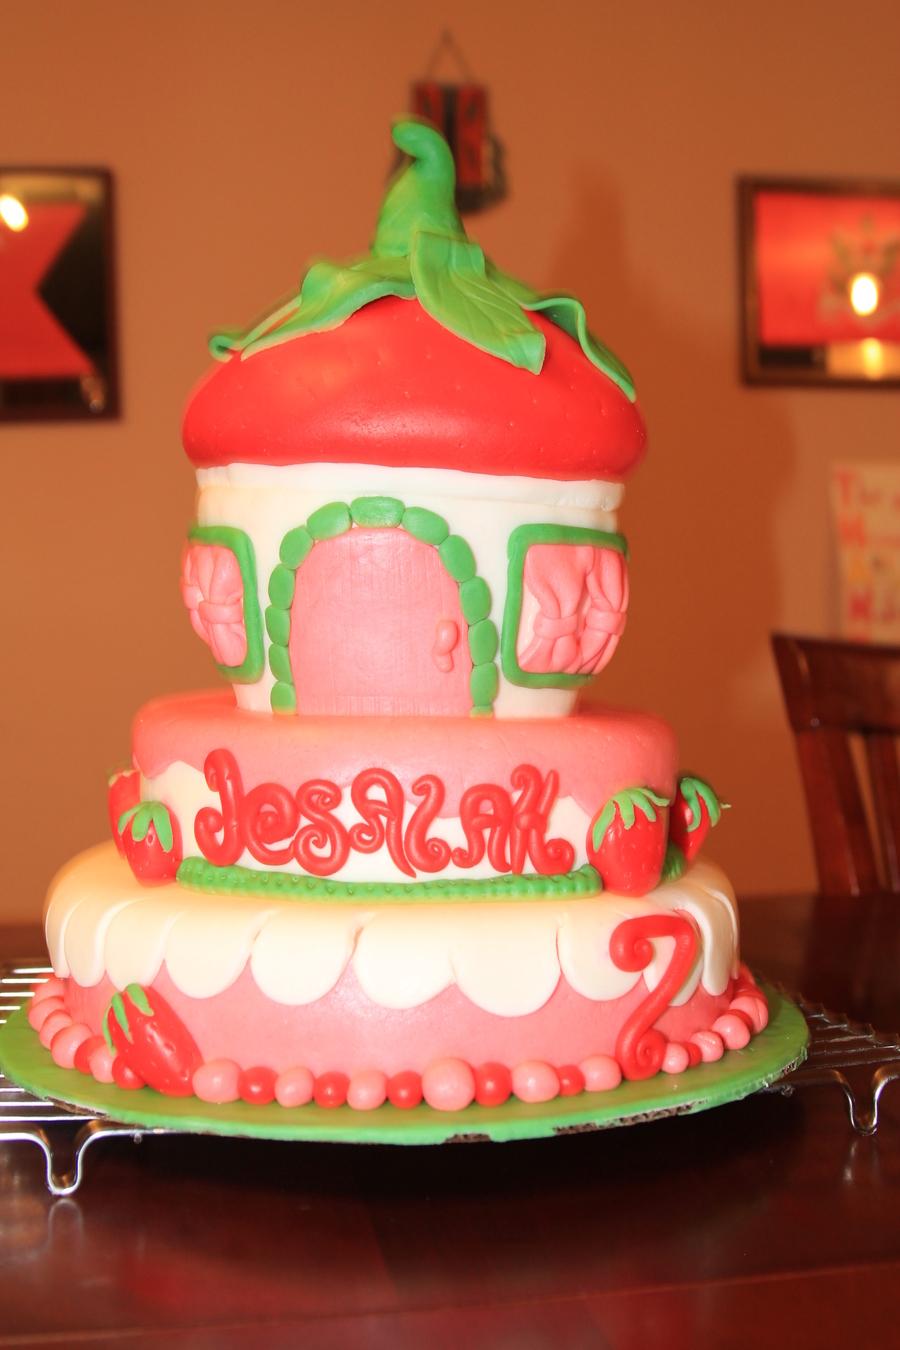 cupcake house House of dessert, cupcake house of dessert, toko cupcake online surabaya, toko cupcake online, toko kue online, cupcake di surabaya, red velvet.